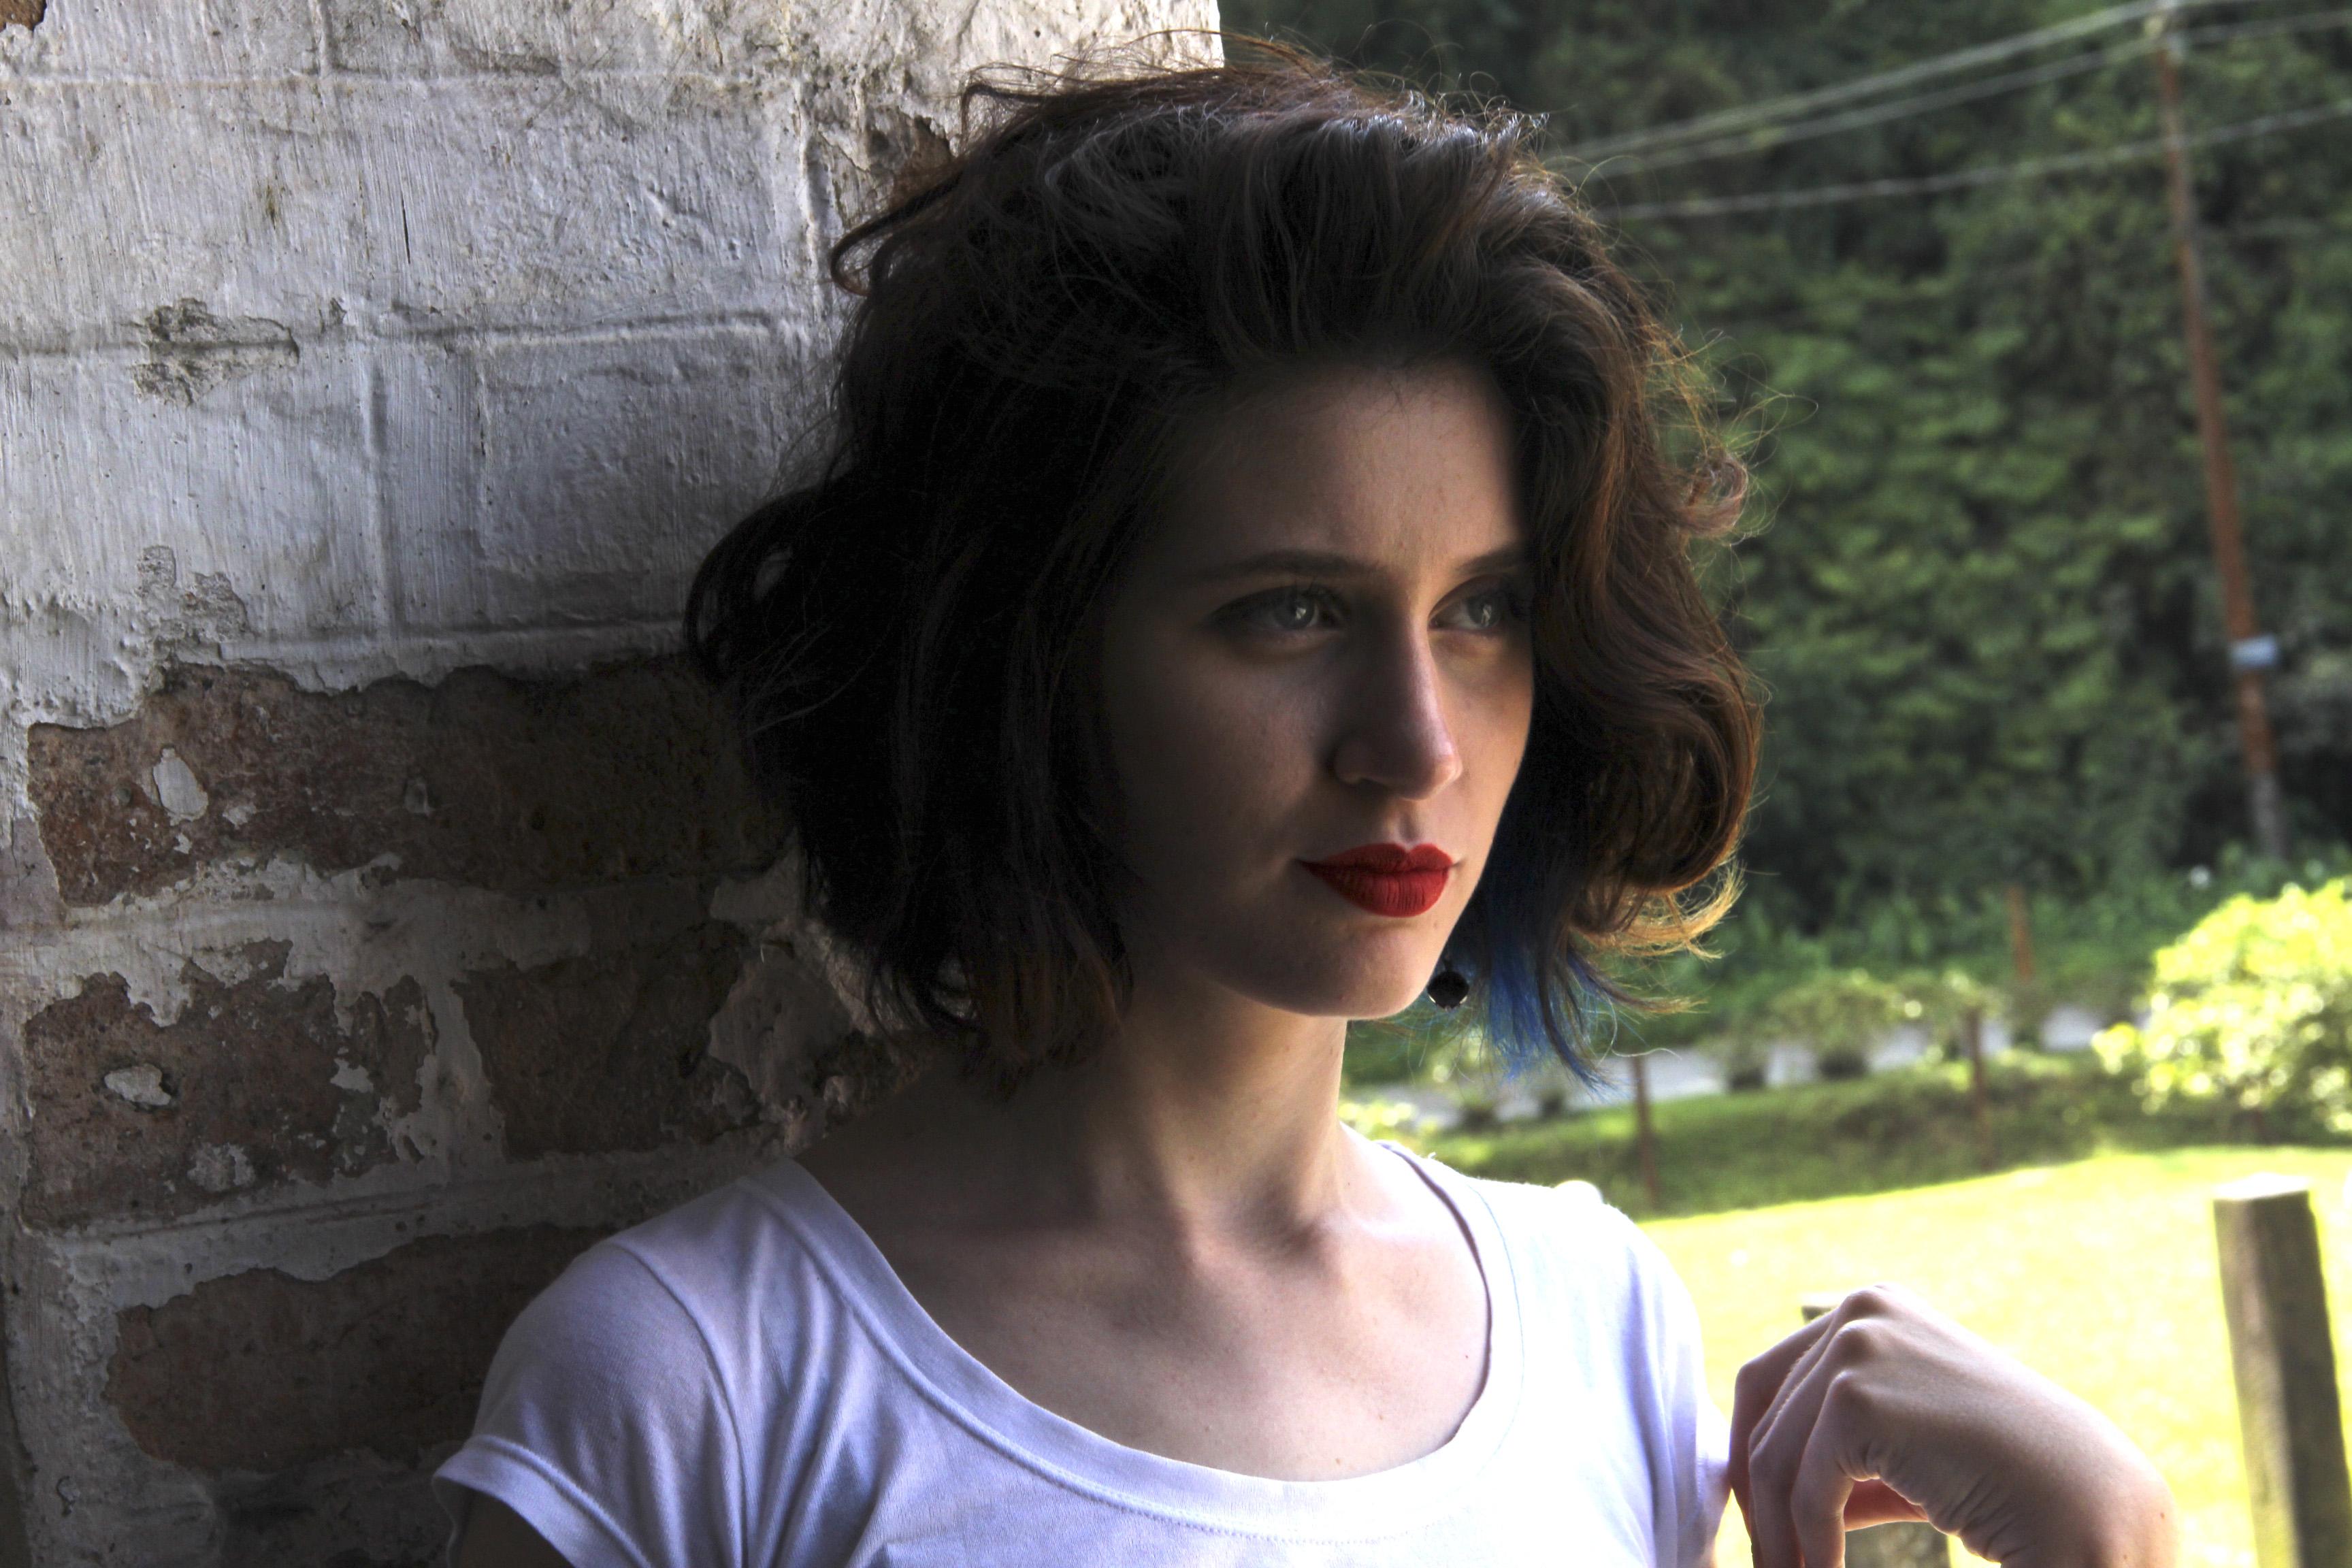 Darmowe Zdjęcia Popatrz Kolor Włosów Dziewczyna Piękno Fryzura